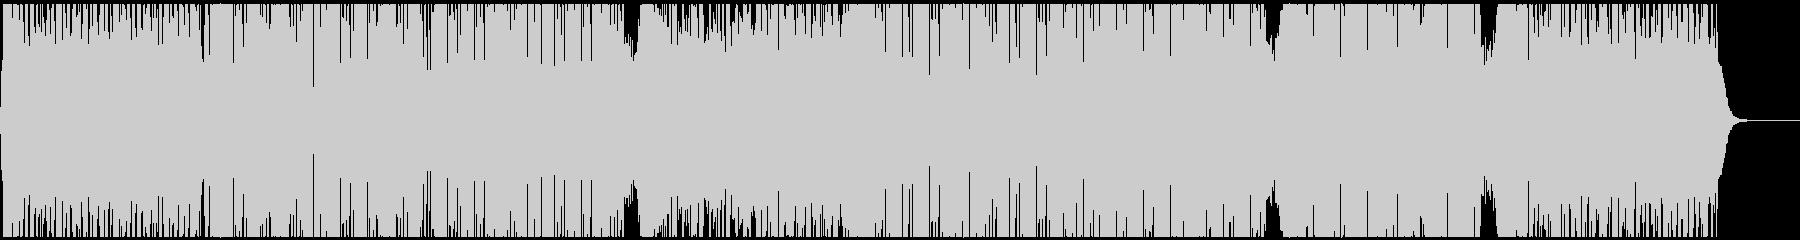 前向きでノリの良いEDMハウス CM映像の未再生の波形